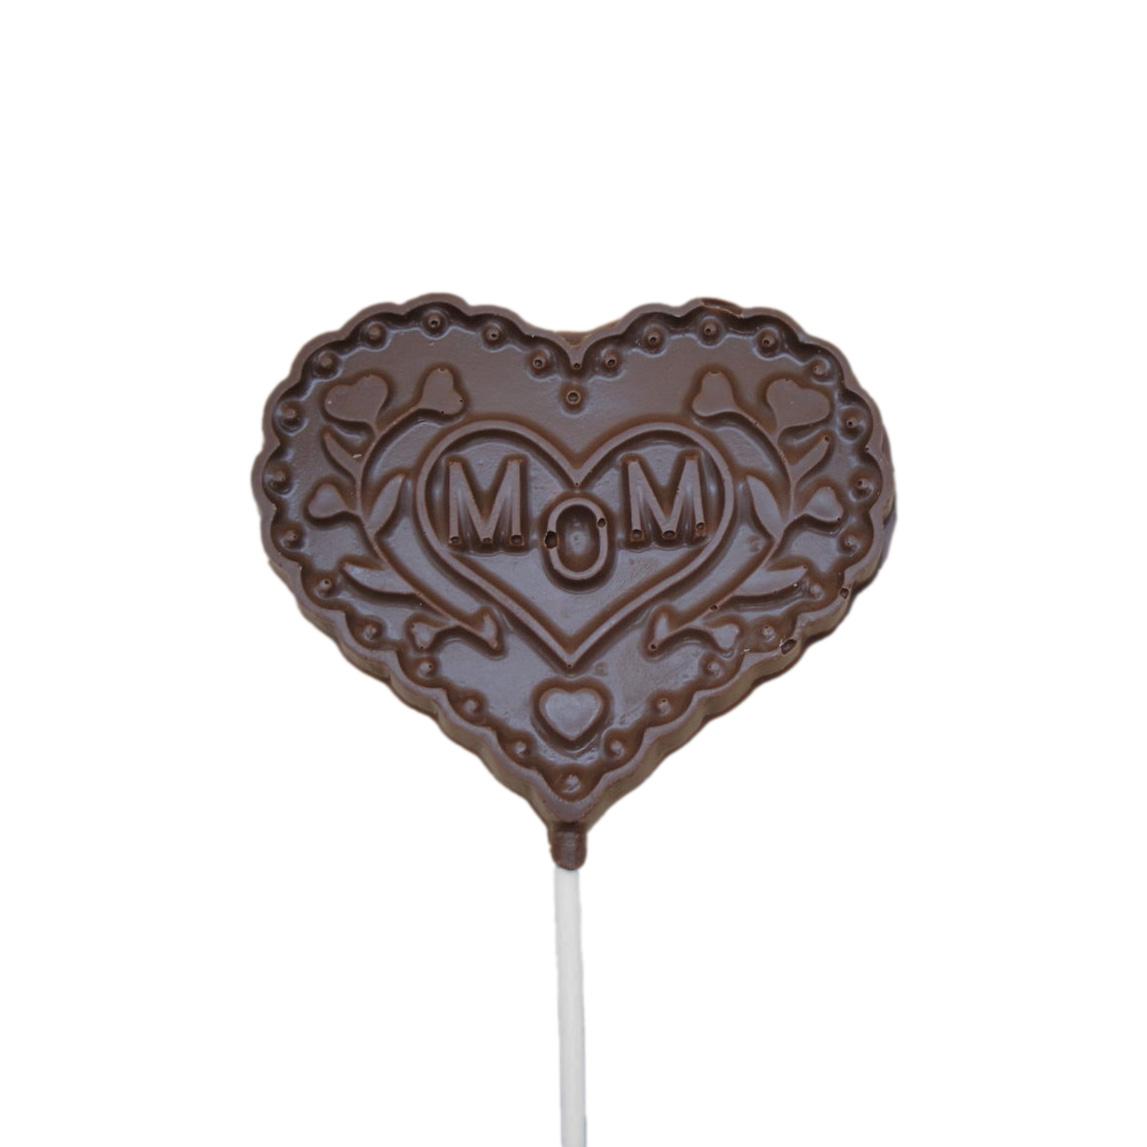 mom heart lollipop